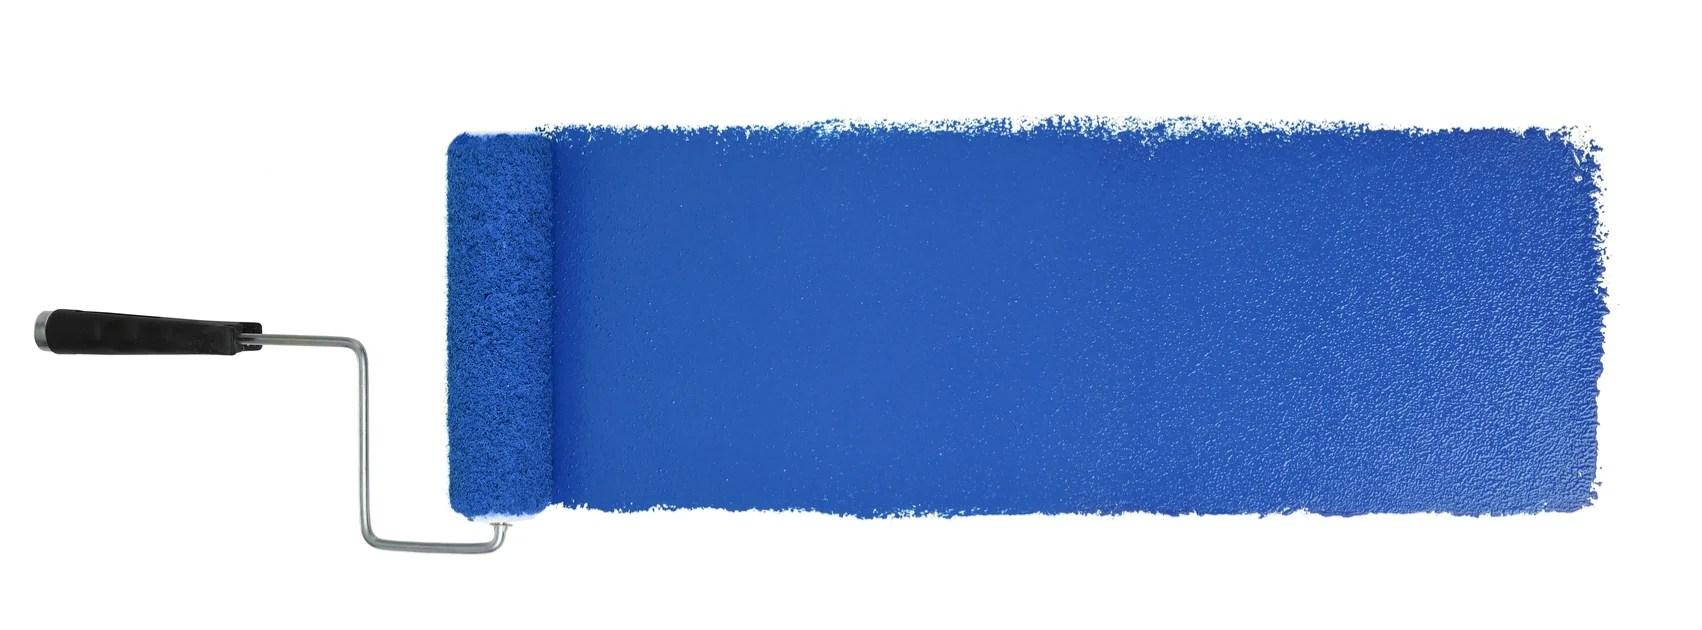 Papel pintado o pintura ventajas e inconvenientes